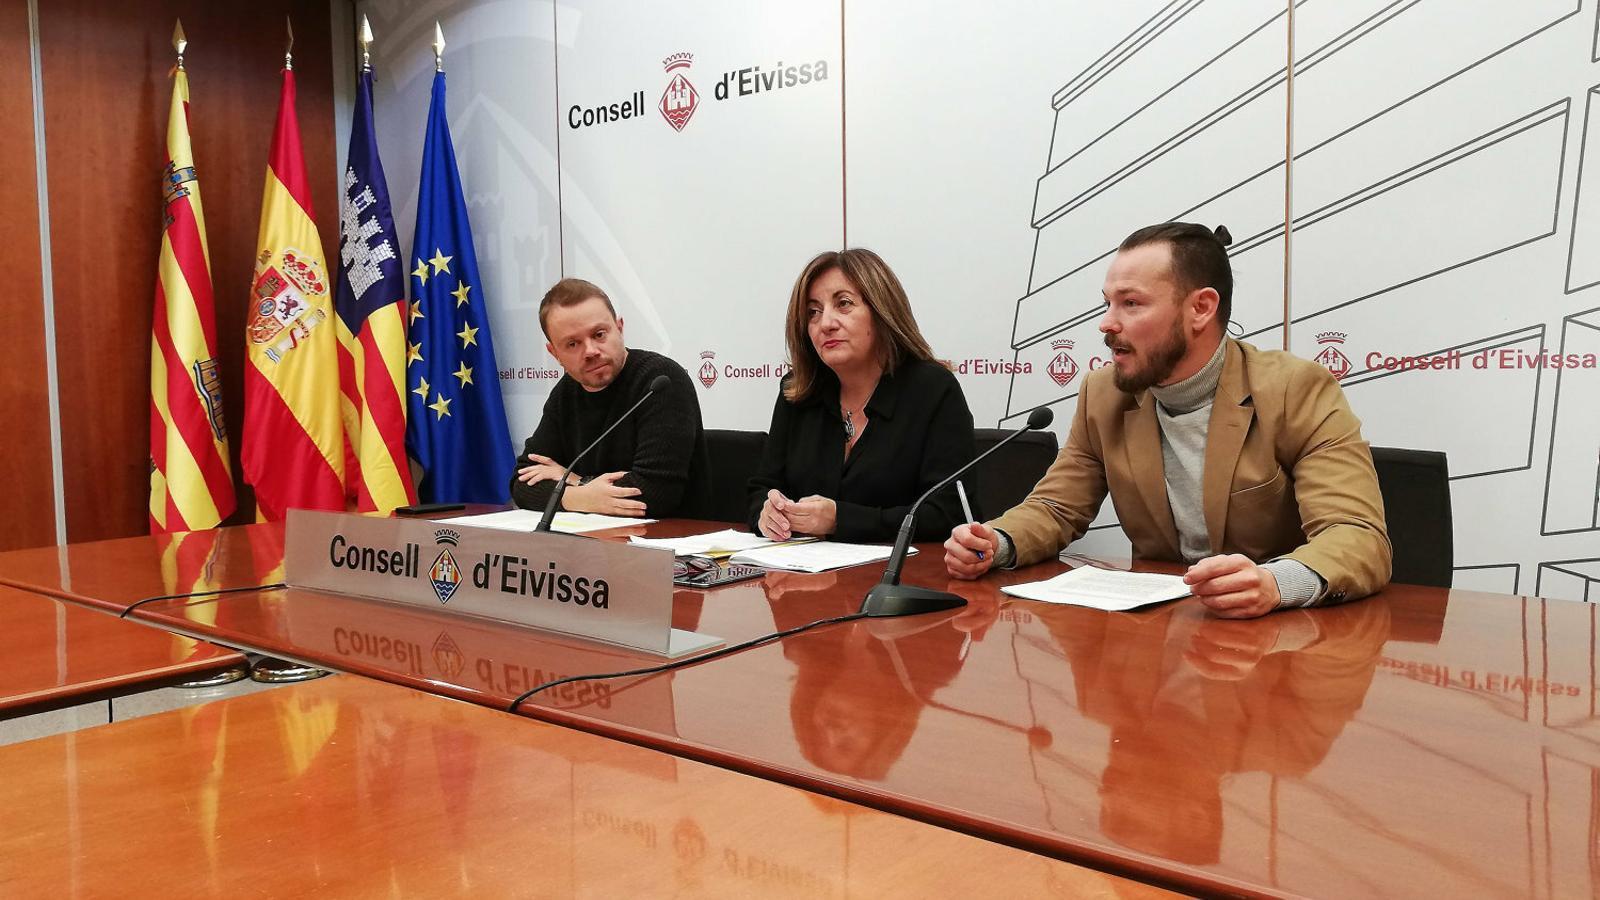 Crisi al Consell d'Eivissa per l'embós de les subvencions esportives i socials